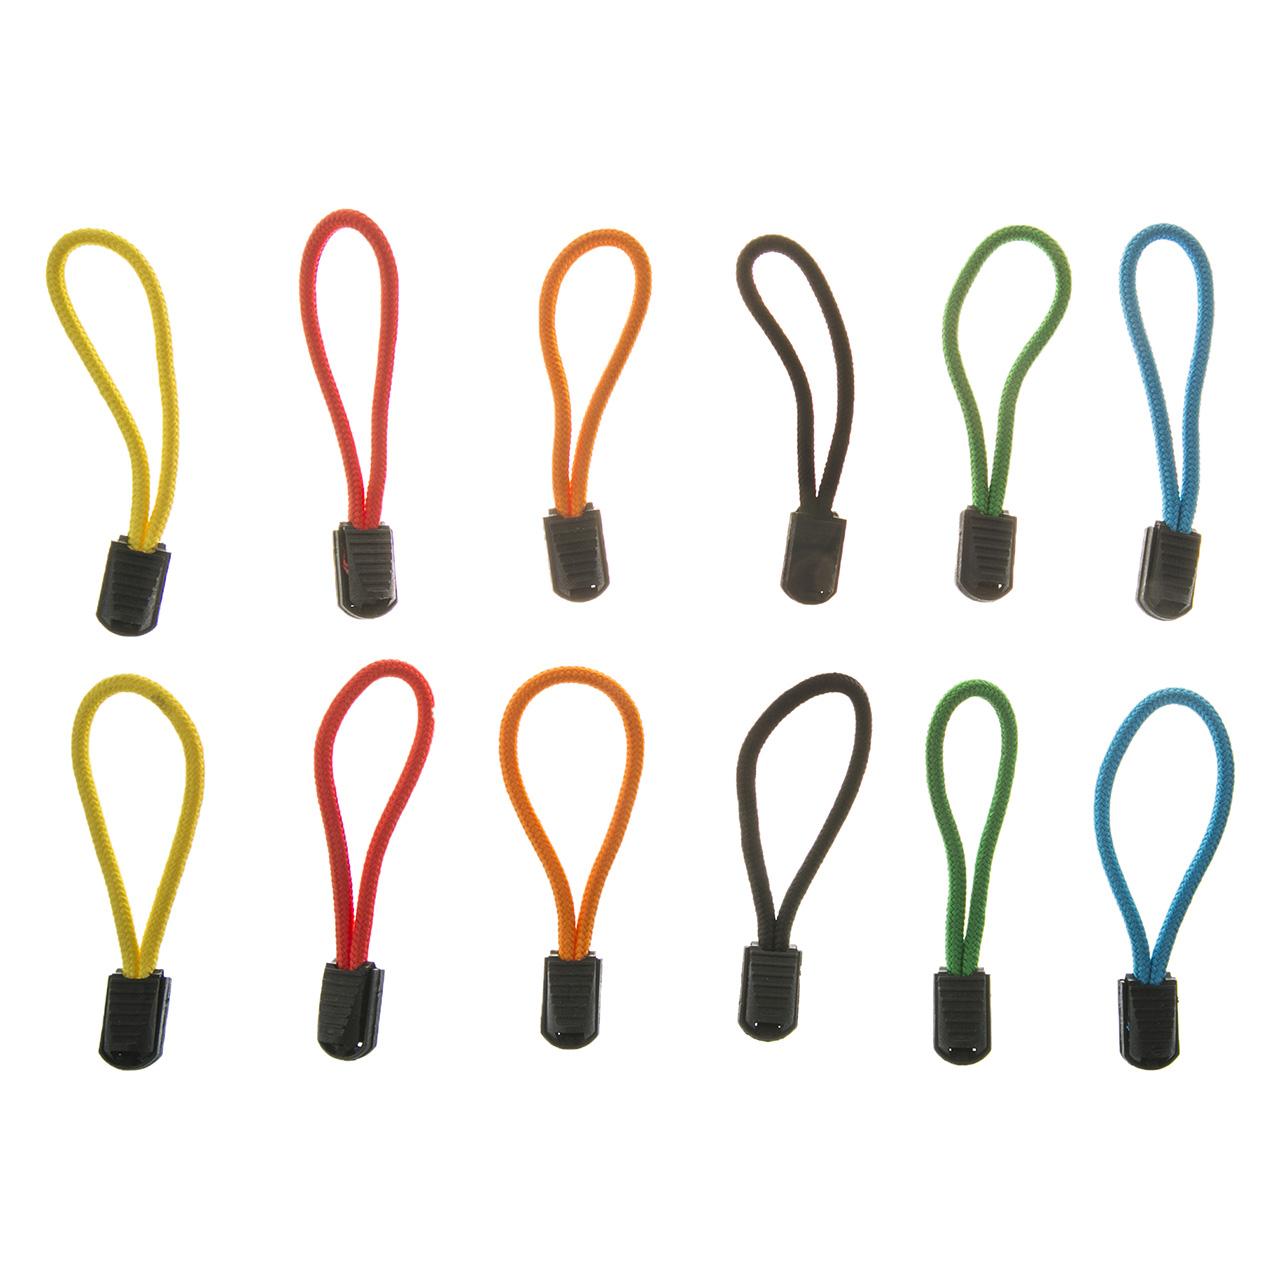 قیمت بند زیپ مدل Colors مجموعه 12 عددی